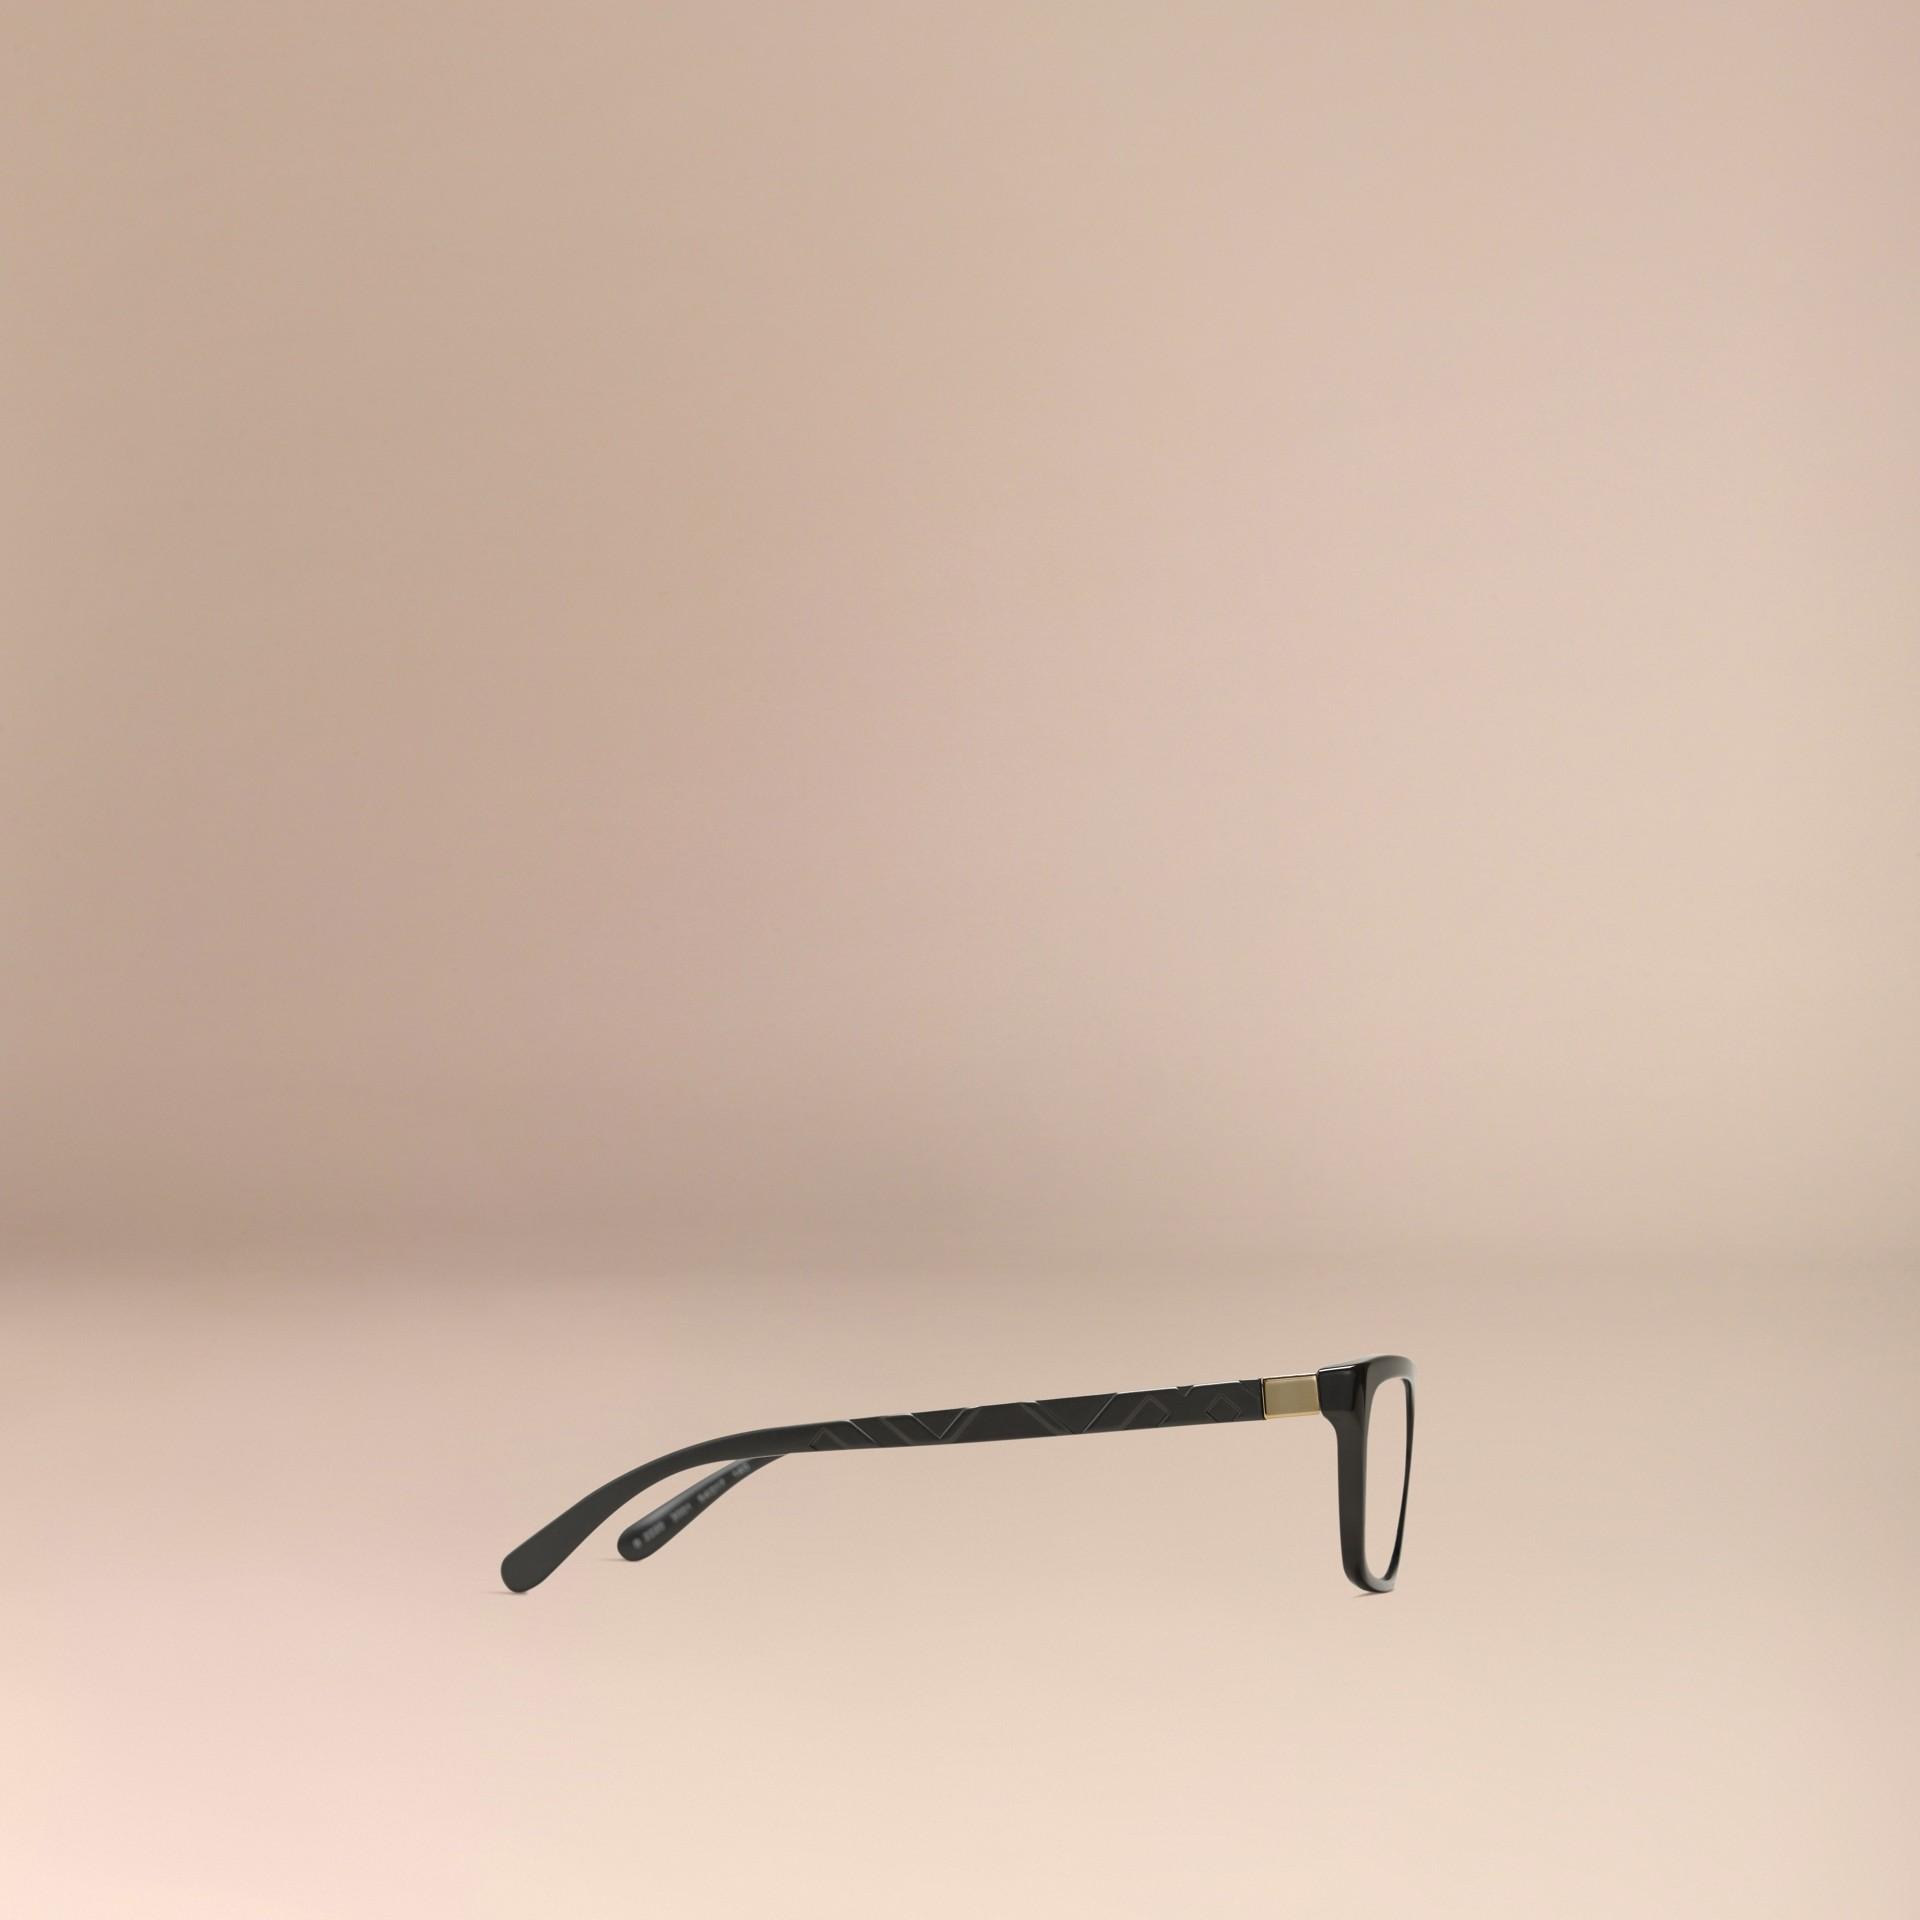 Noir Monture rectangulaire pour lunettes de vue avec détails check Noir - photo de la galerie 5